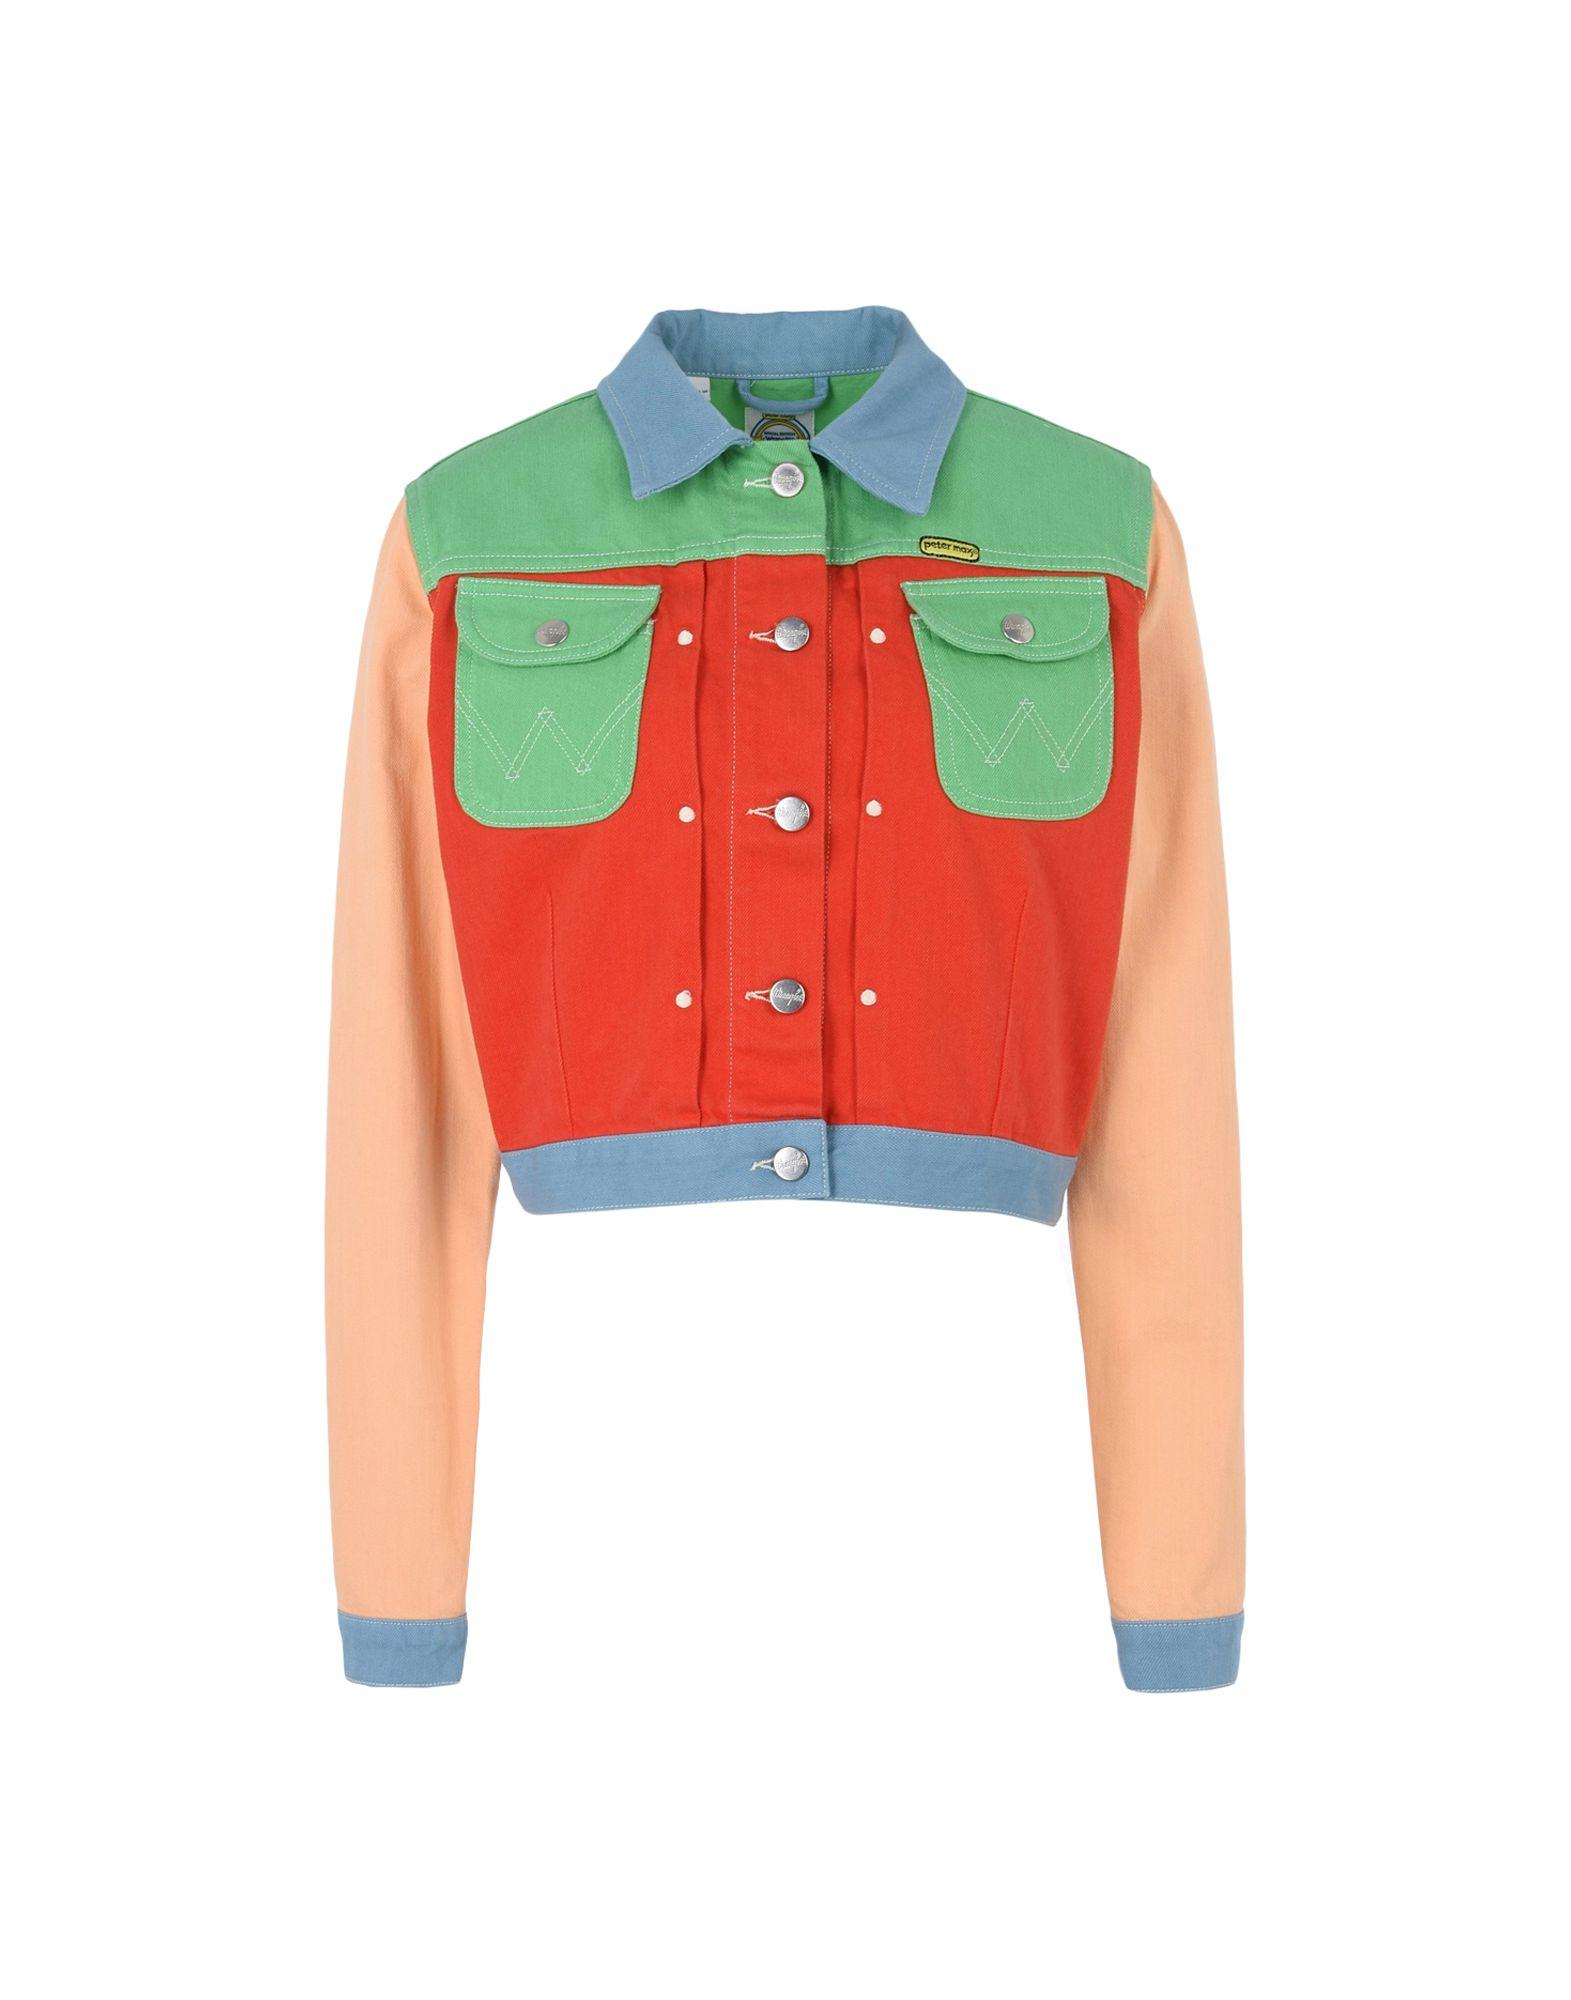 wrangler джинсовая верхняя одежда WRANGLER by PETER MAX Джинсовая верхняя одежда